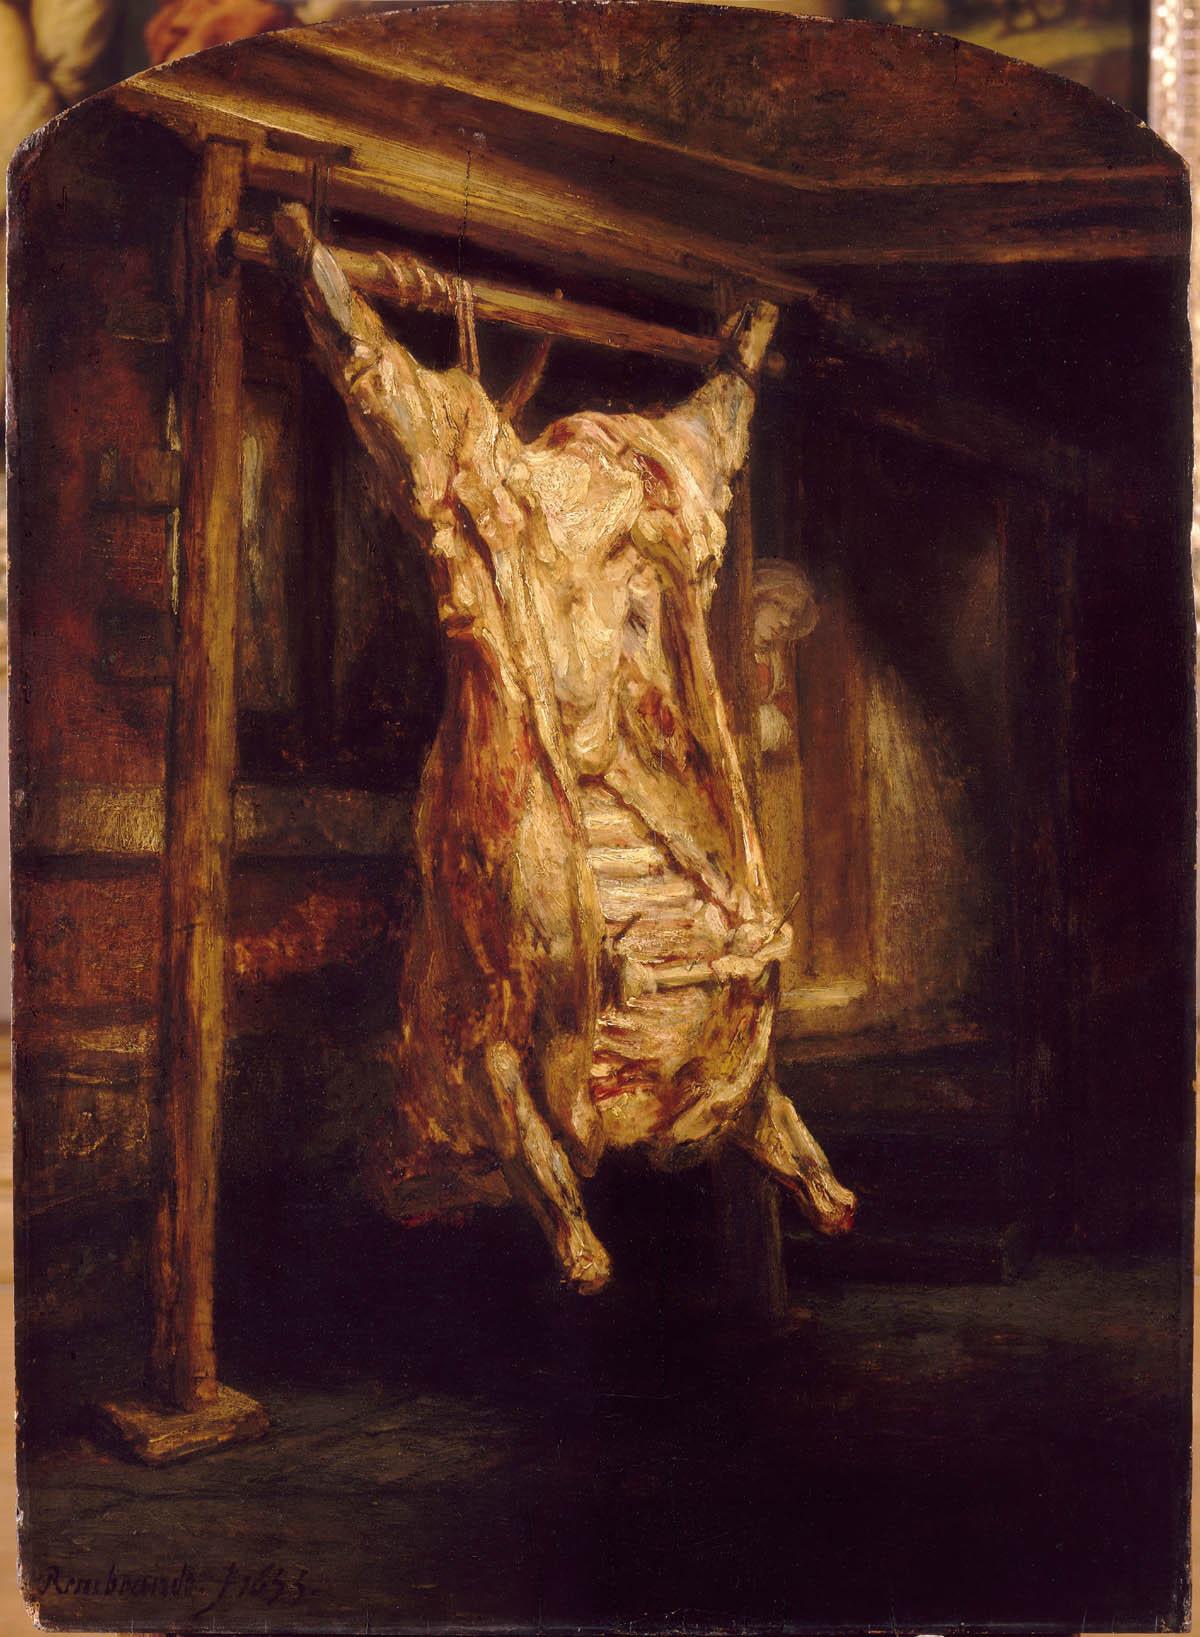 Der geschlachtete Ochse, Harmensz van Rijn Rembrandt © Musée du Louvre